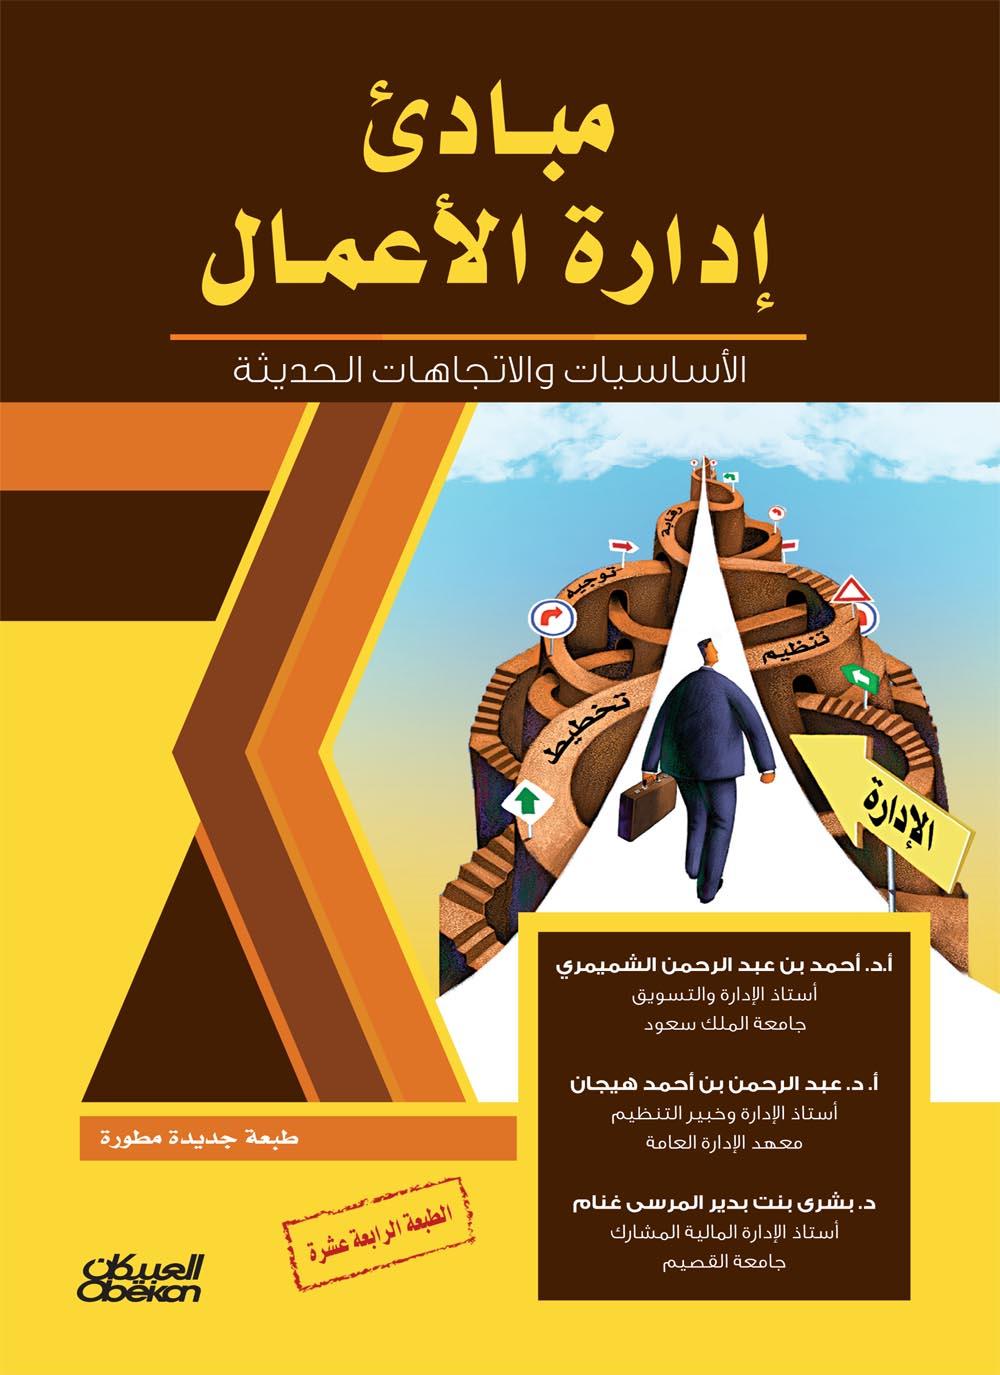 كتاب مبادئ ادارة الاعمال للدكتور احمد الشميمري